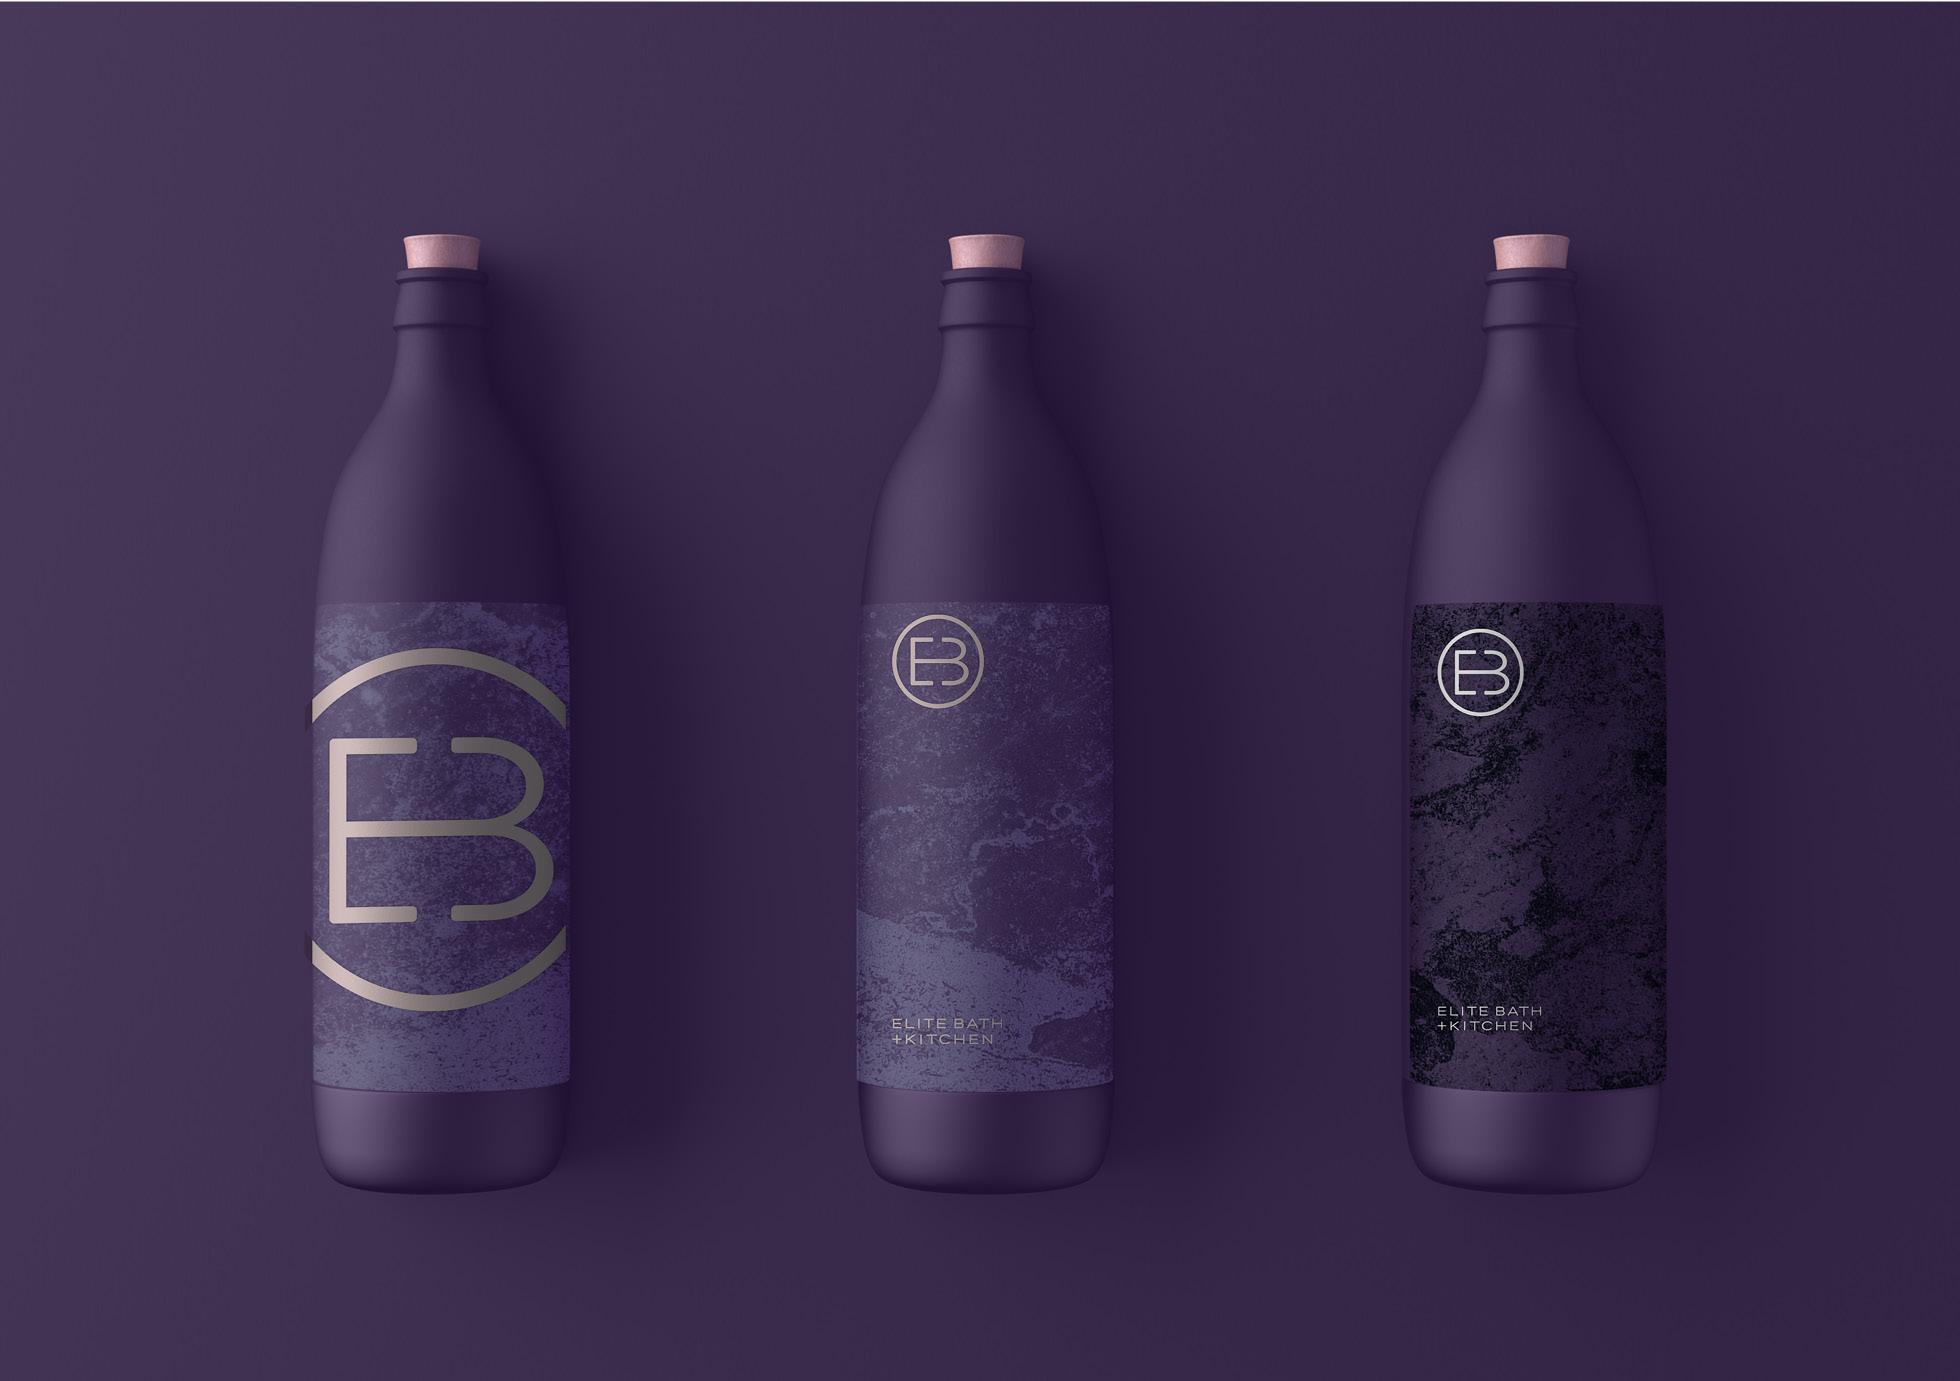 retail_EBK_bottles